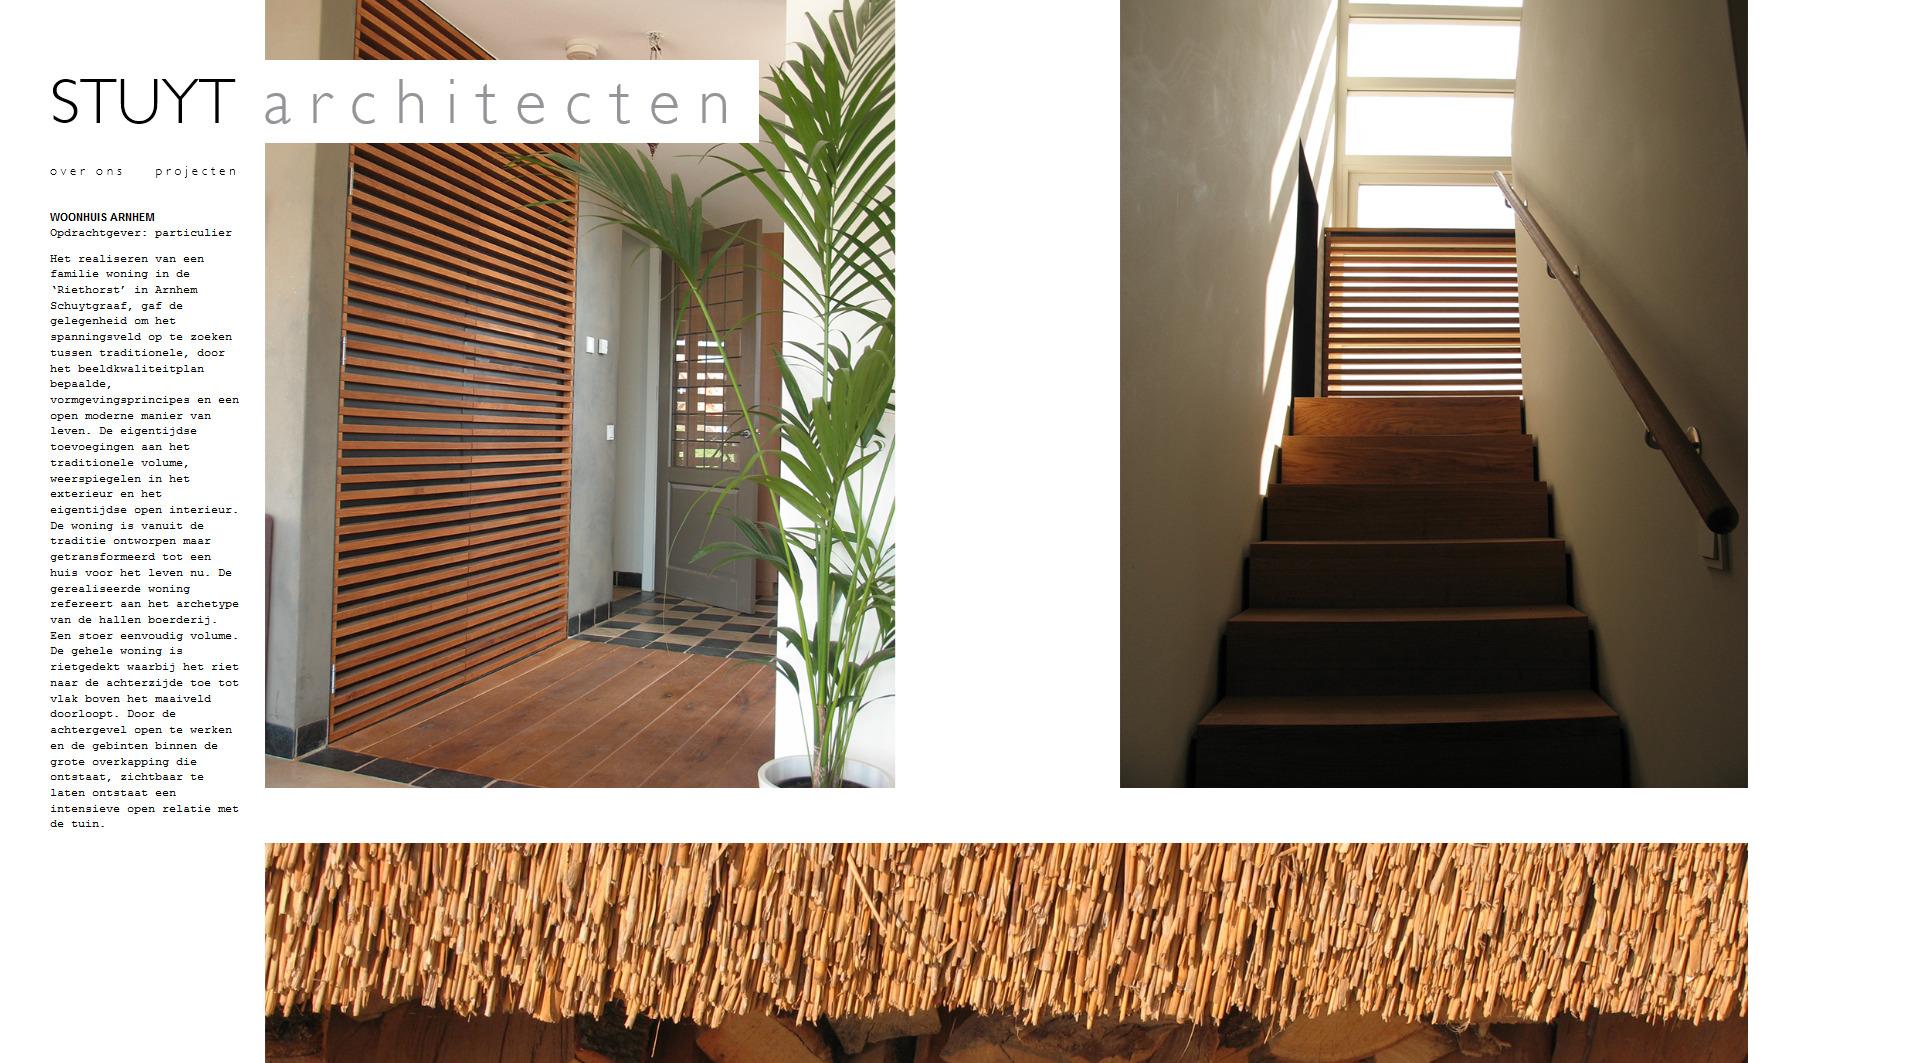 Projectpagina op de website van STUYT architecten